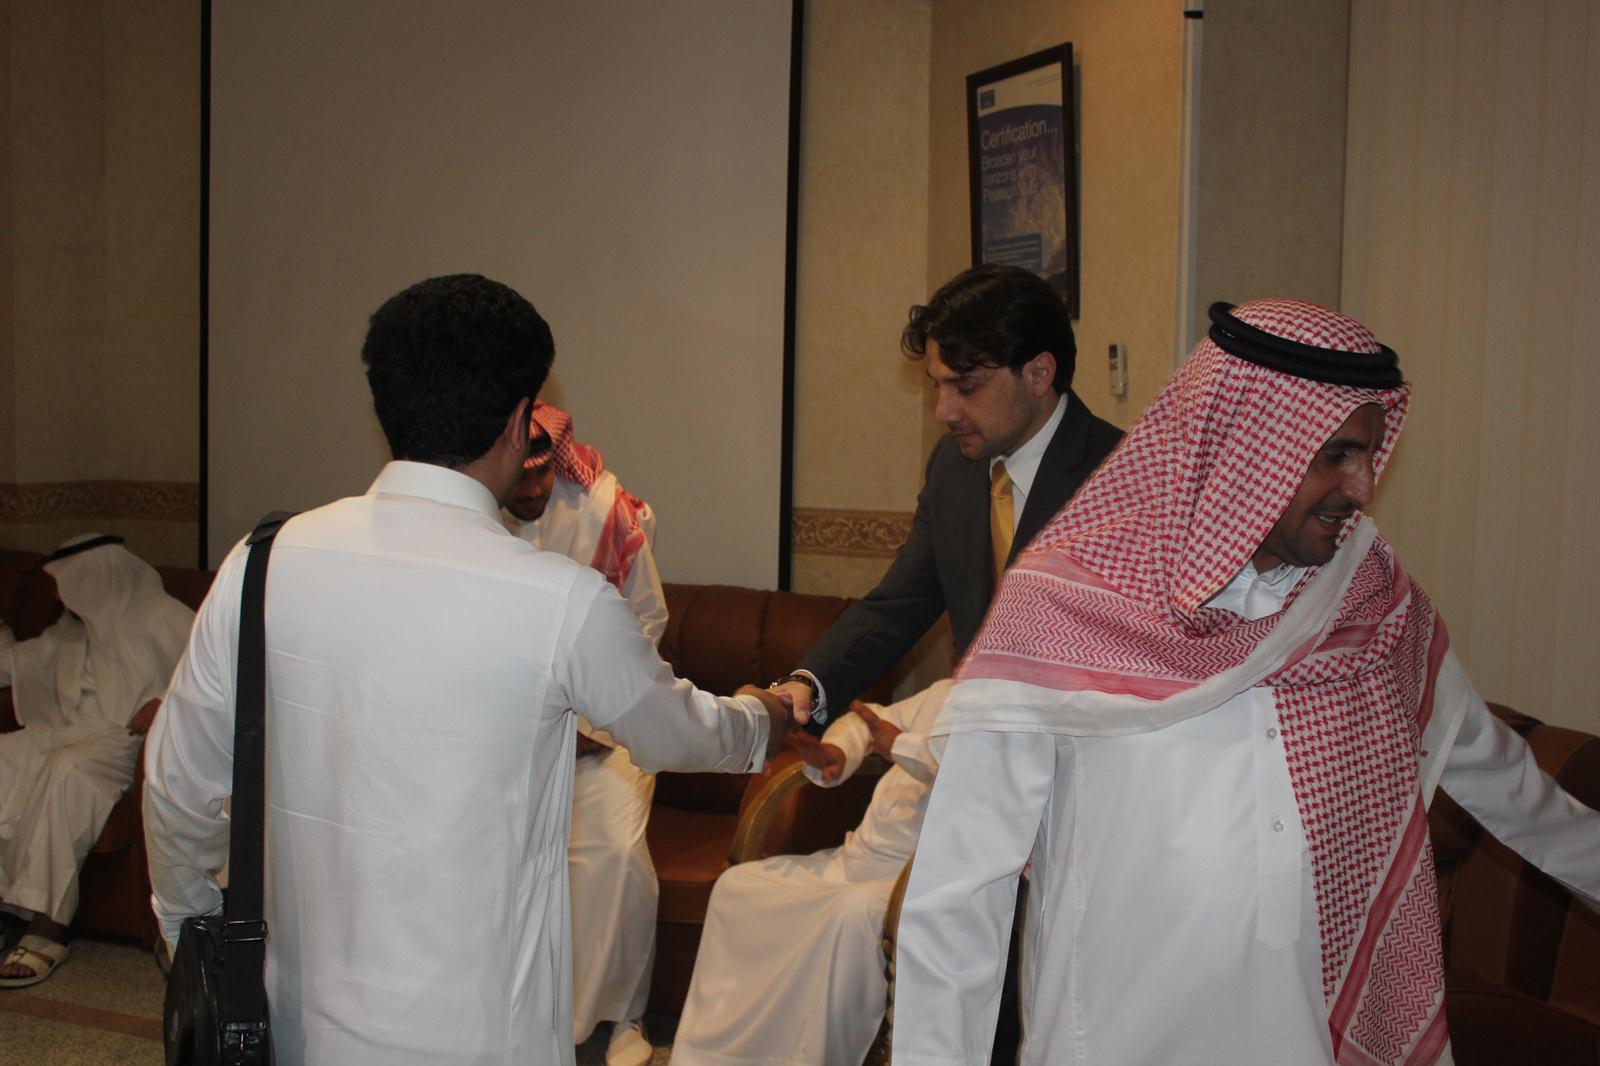 صاحب السمو الملكي الأمير د. سلمان بن سعود آل سعود يرعى تخريج دورة الهارمونيك نادي خبراء المال